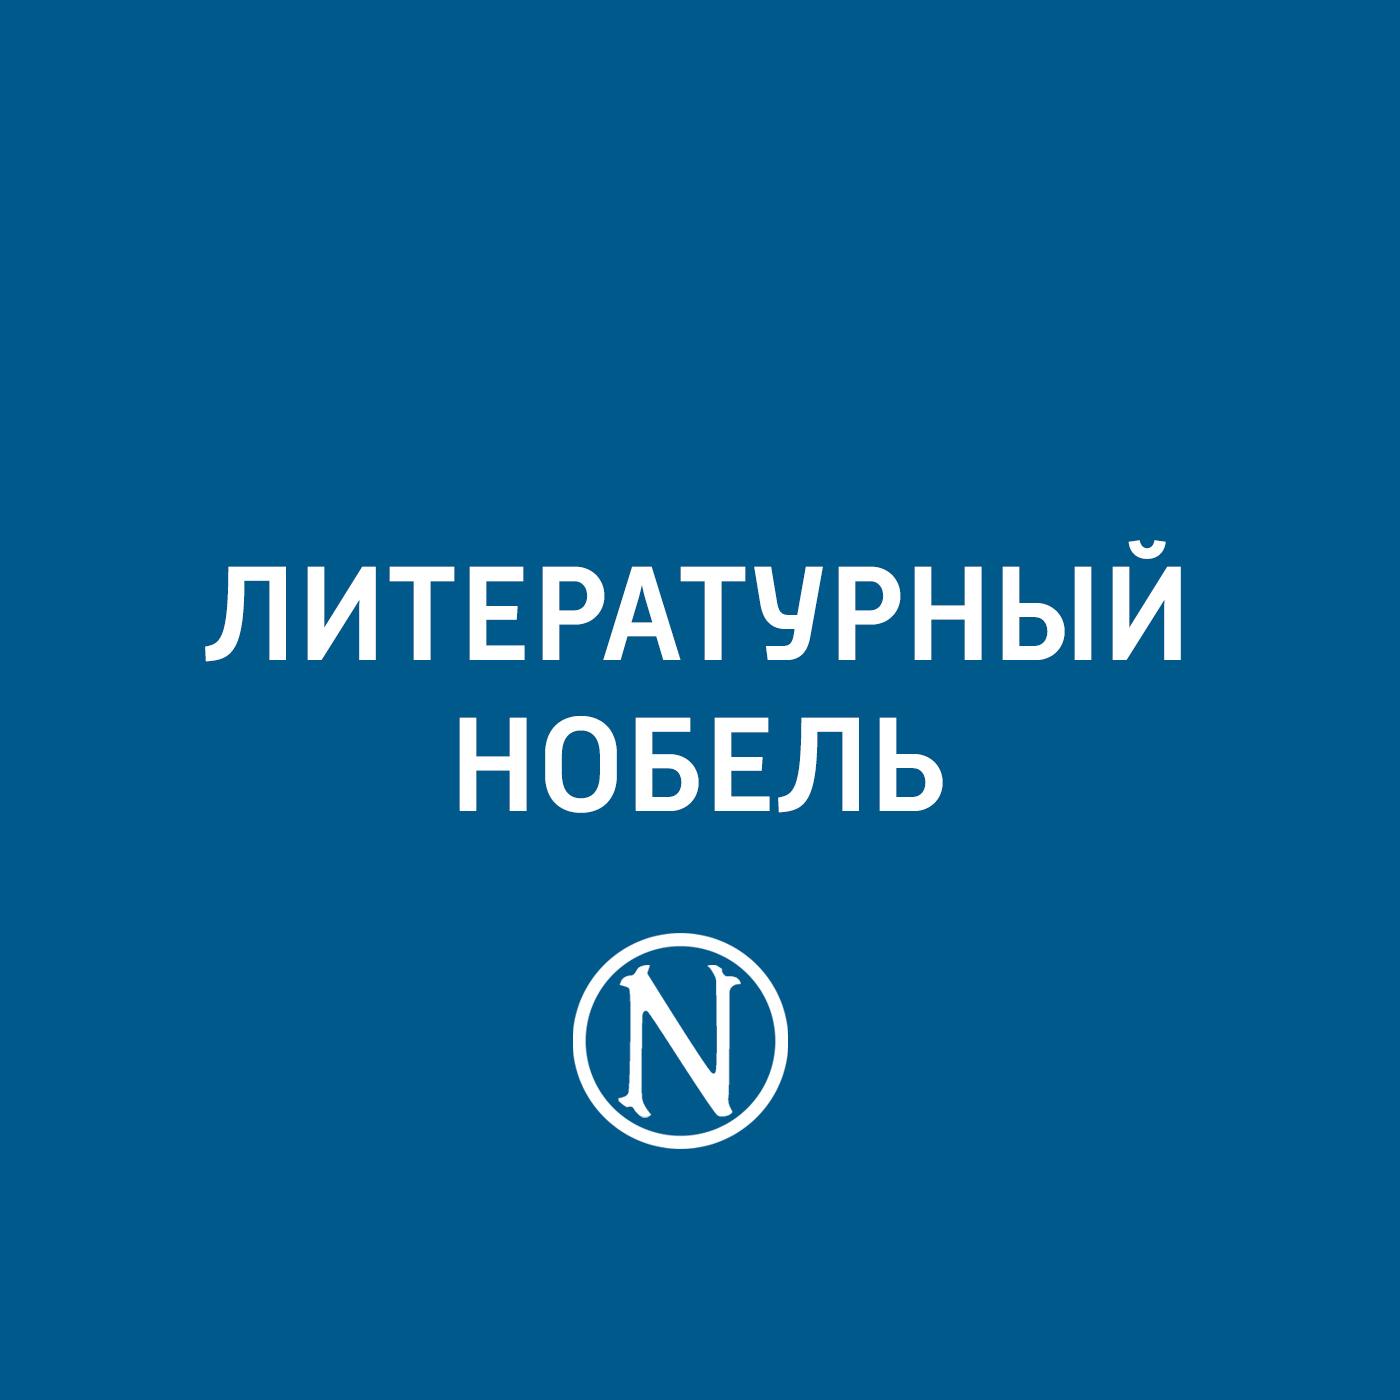 Евгений Стаховский Жан-Поль Сартр сартр жан поль стена ставок больше нет сборник